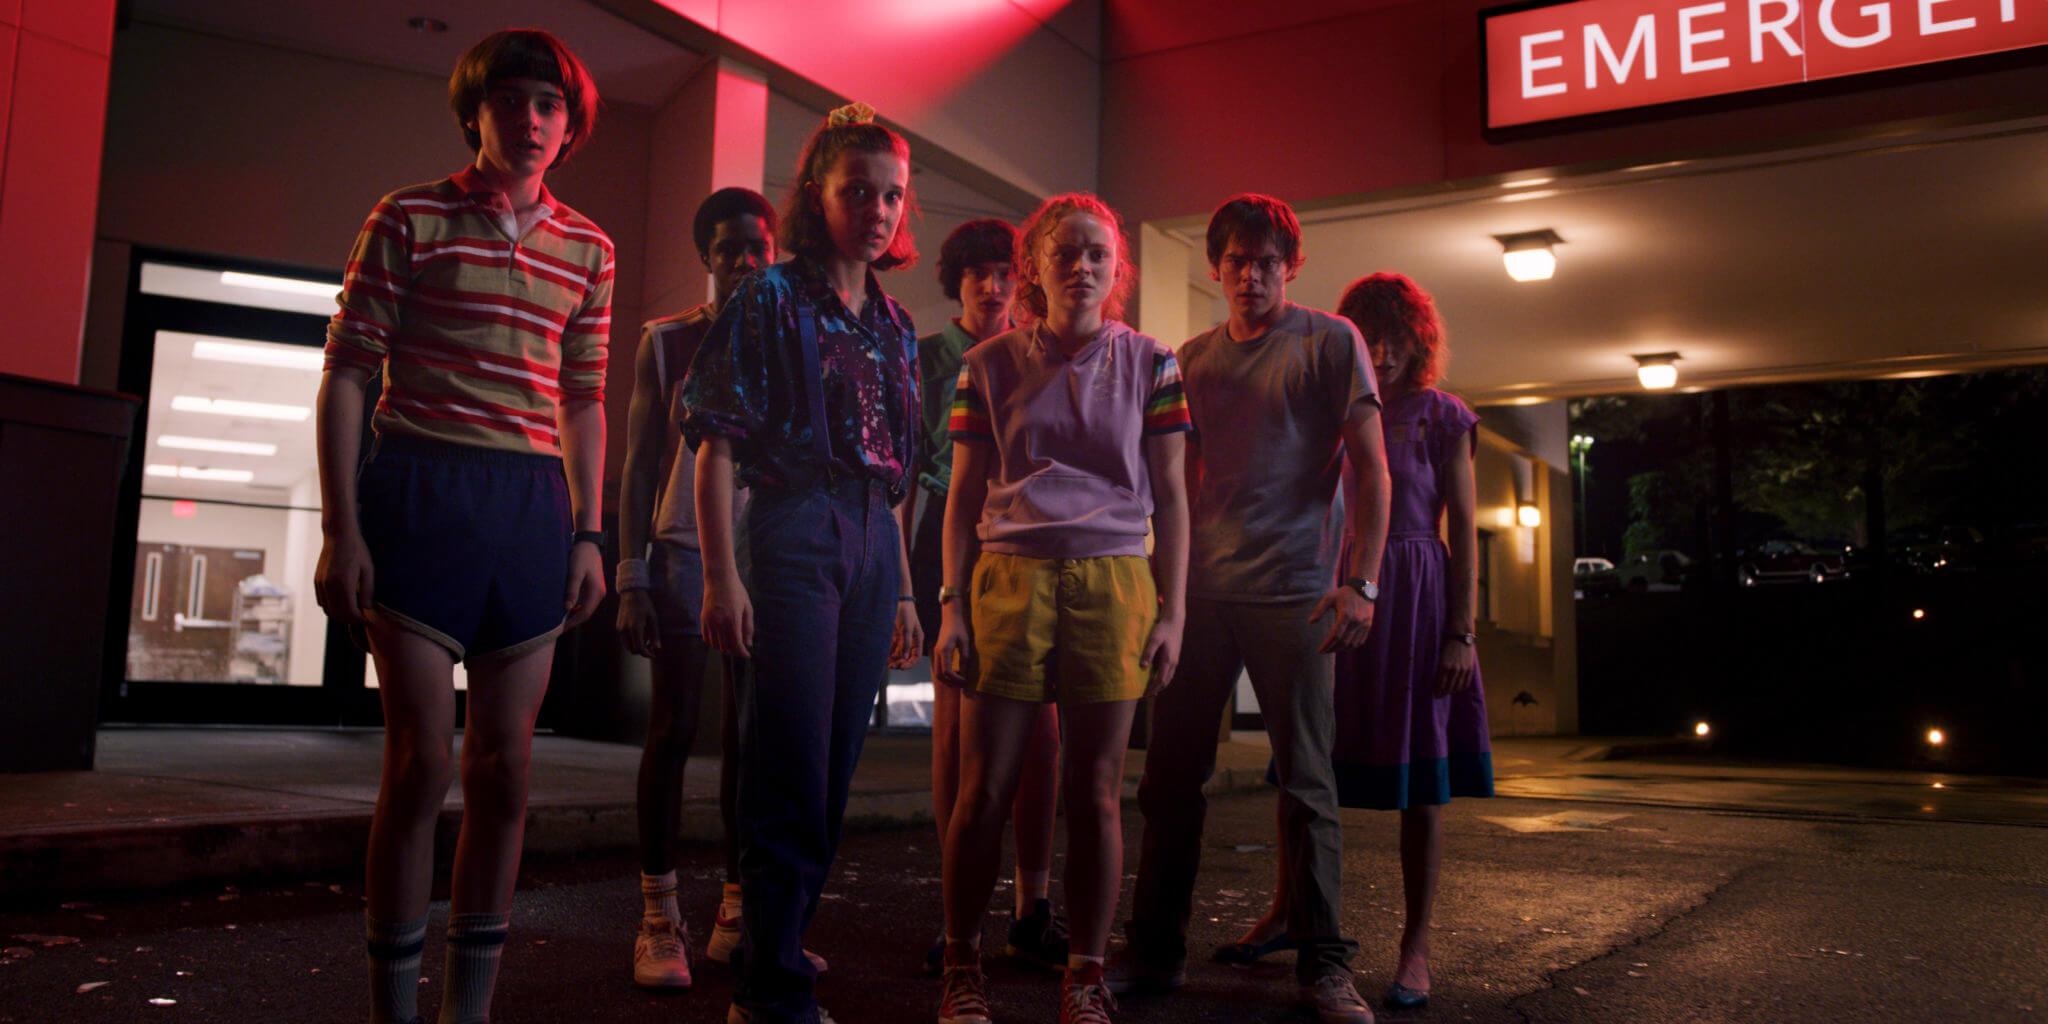 《怪奇物語》 (Stranger Things) 第 3 季預告全解析:25 個彩蛋及線索整理(上)首圖